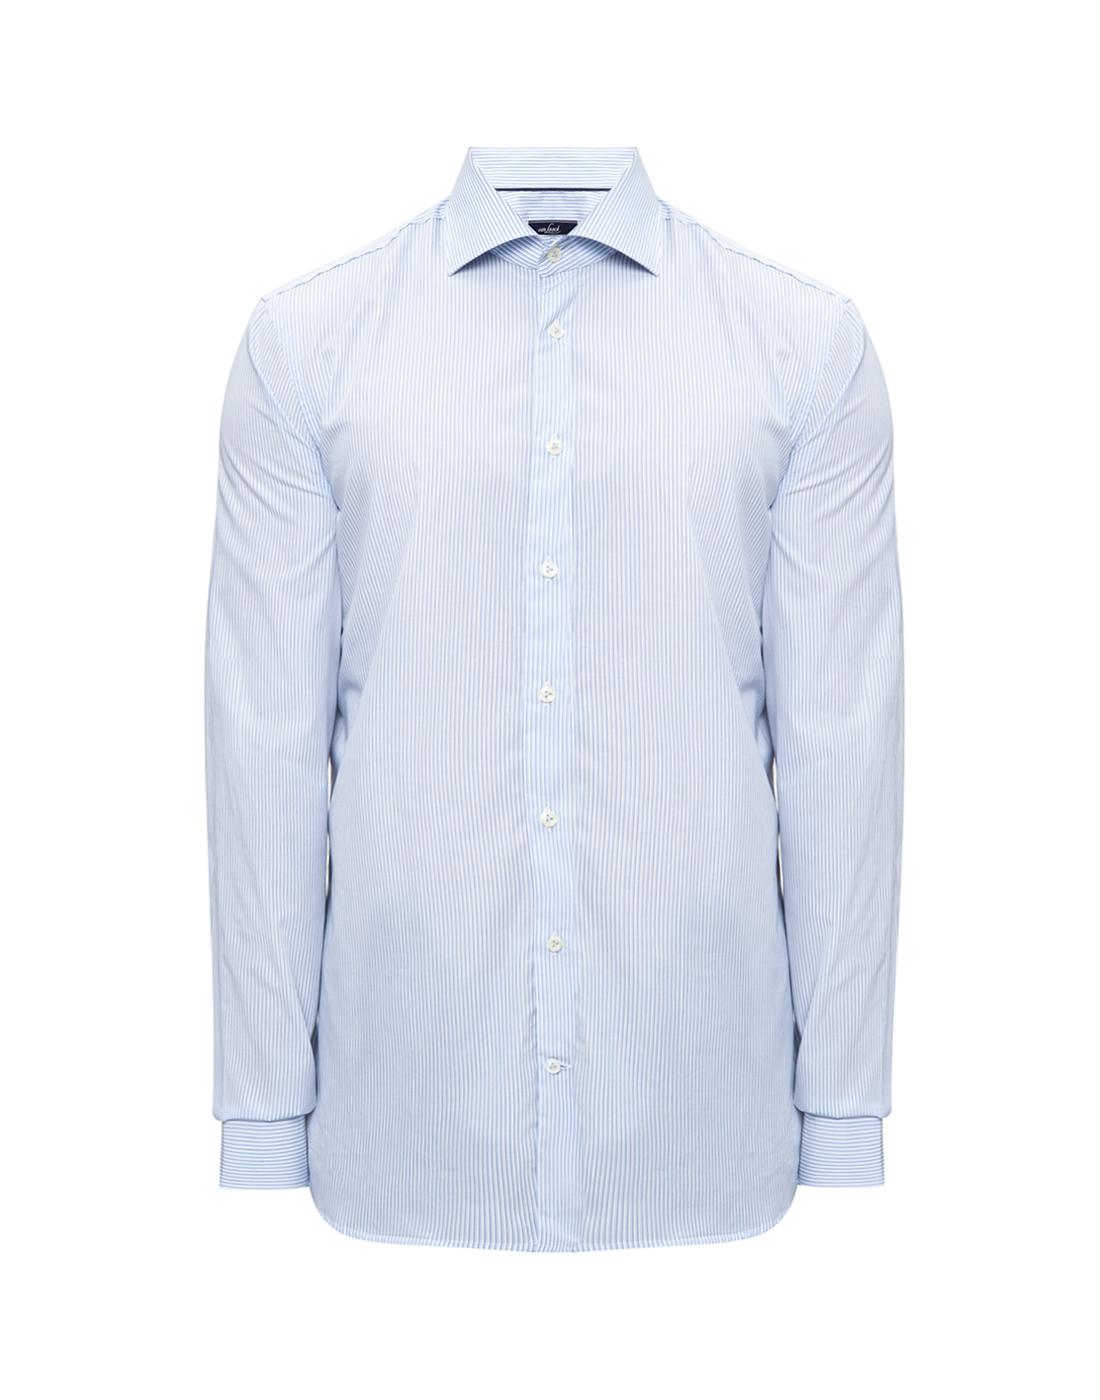 Мужская голубая рубашка в полоску Van Laack S151437/720-1